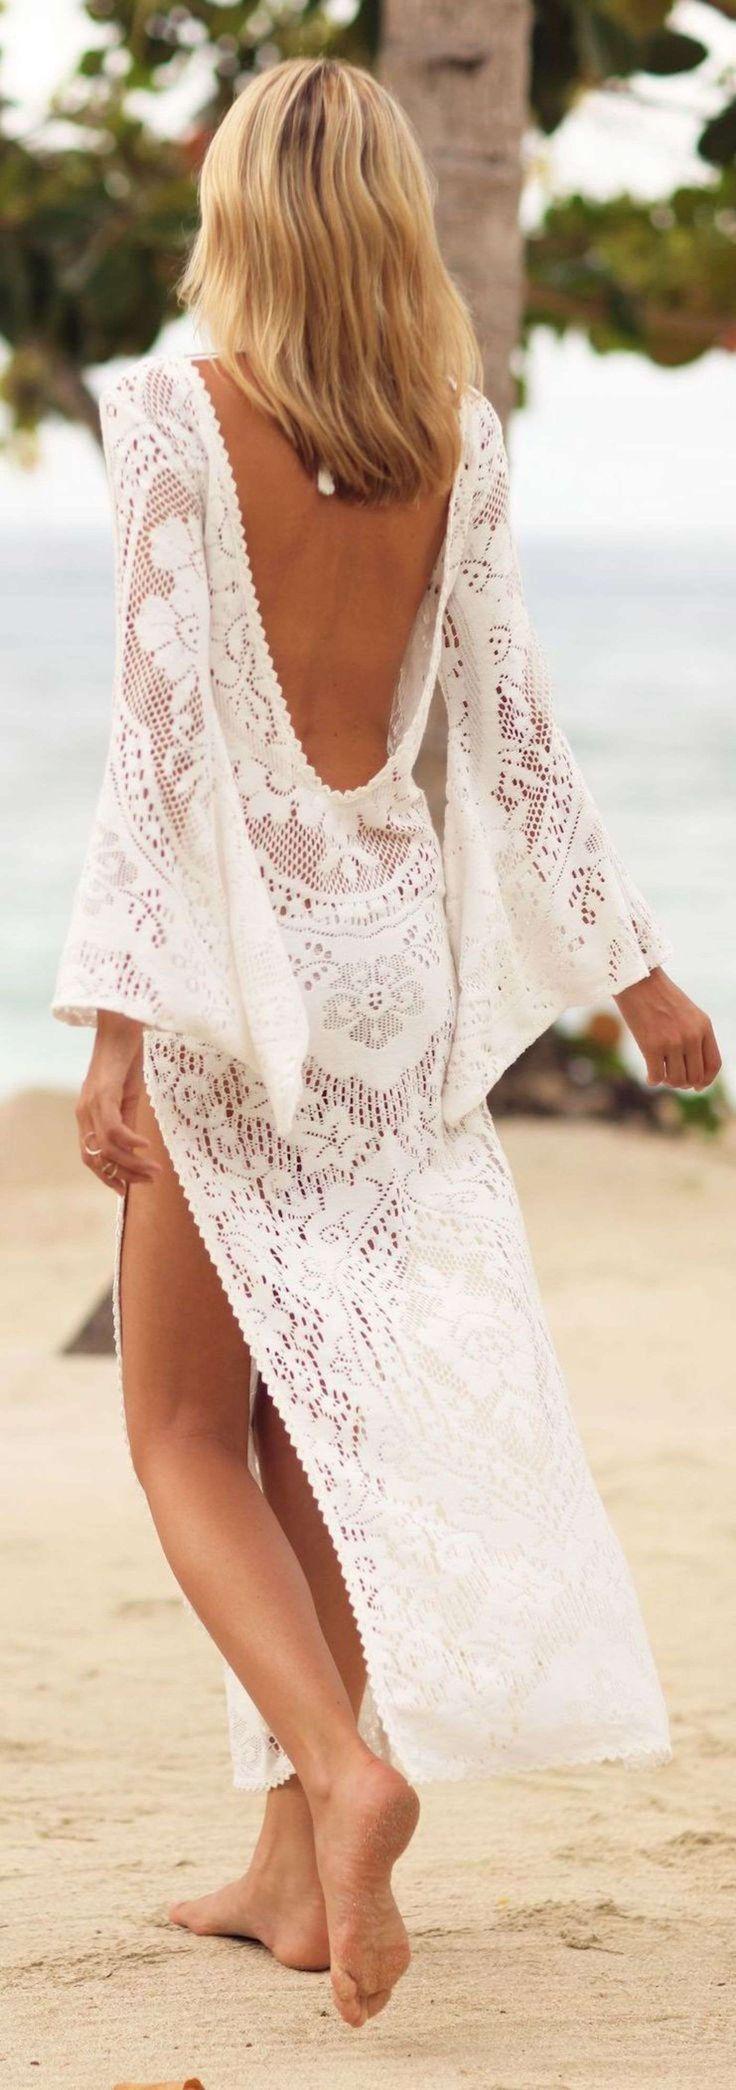 Trends Shaker | Trend Inspiration : Crochet